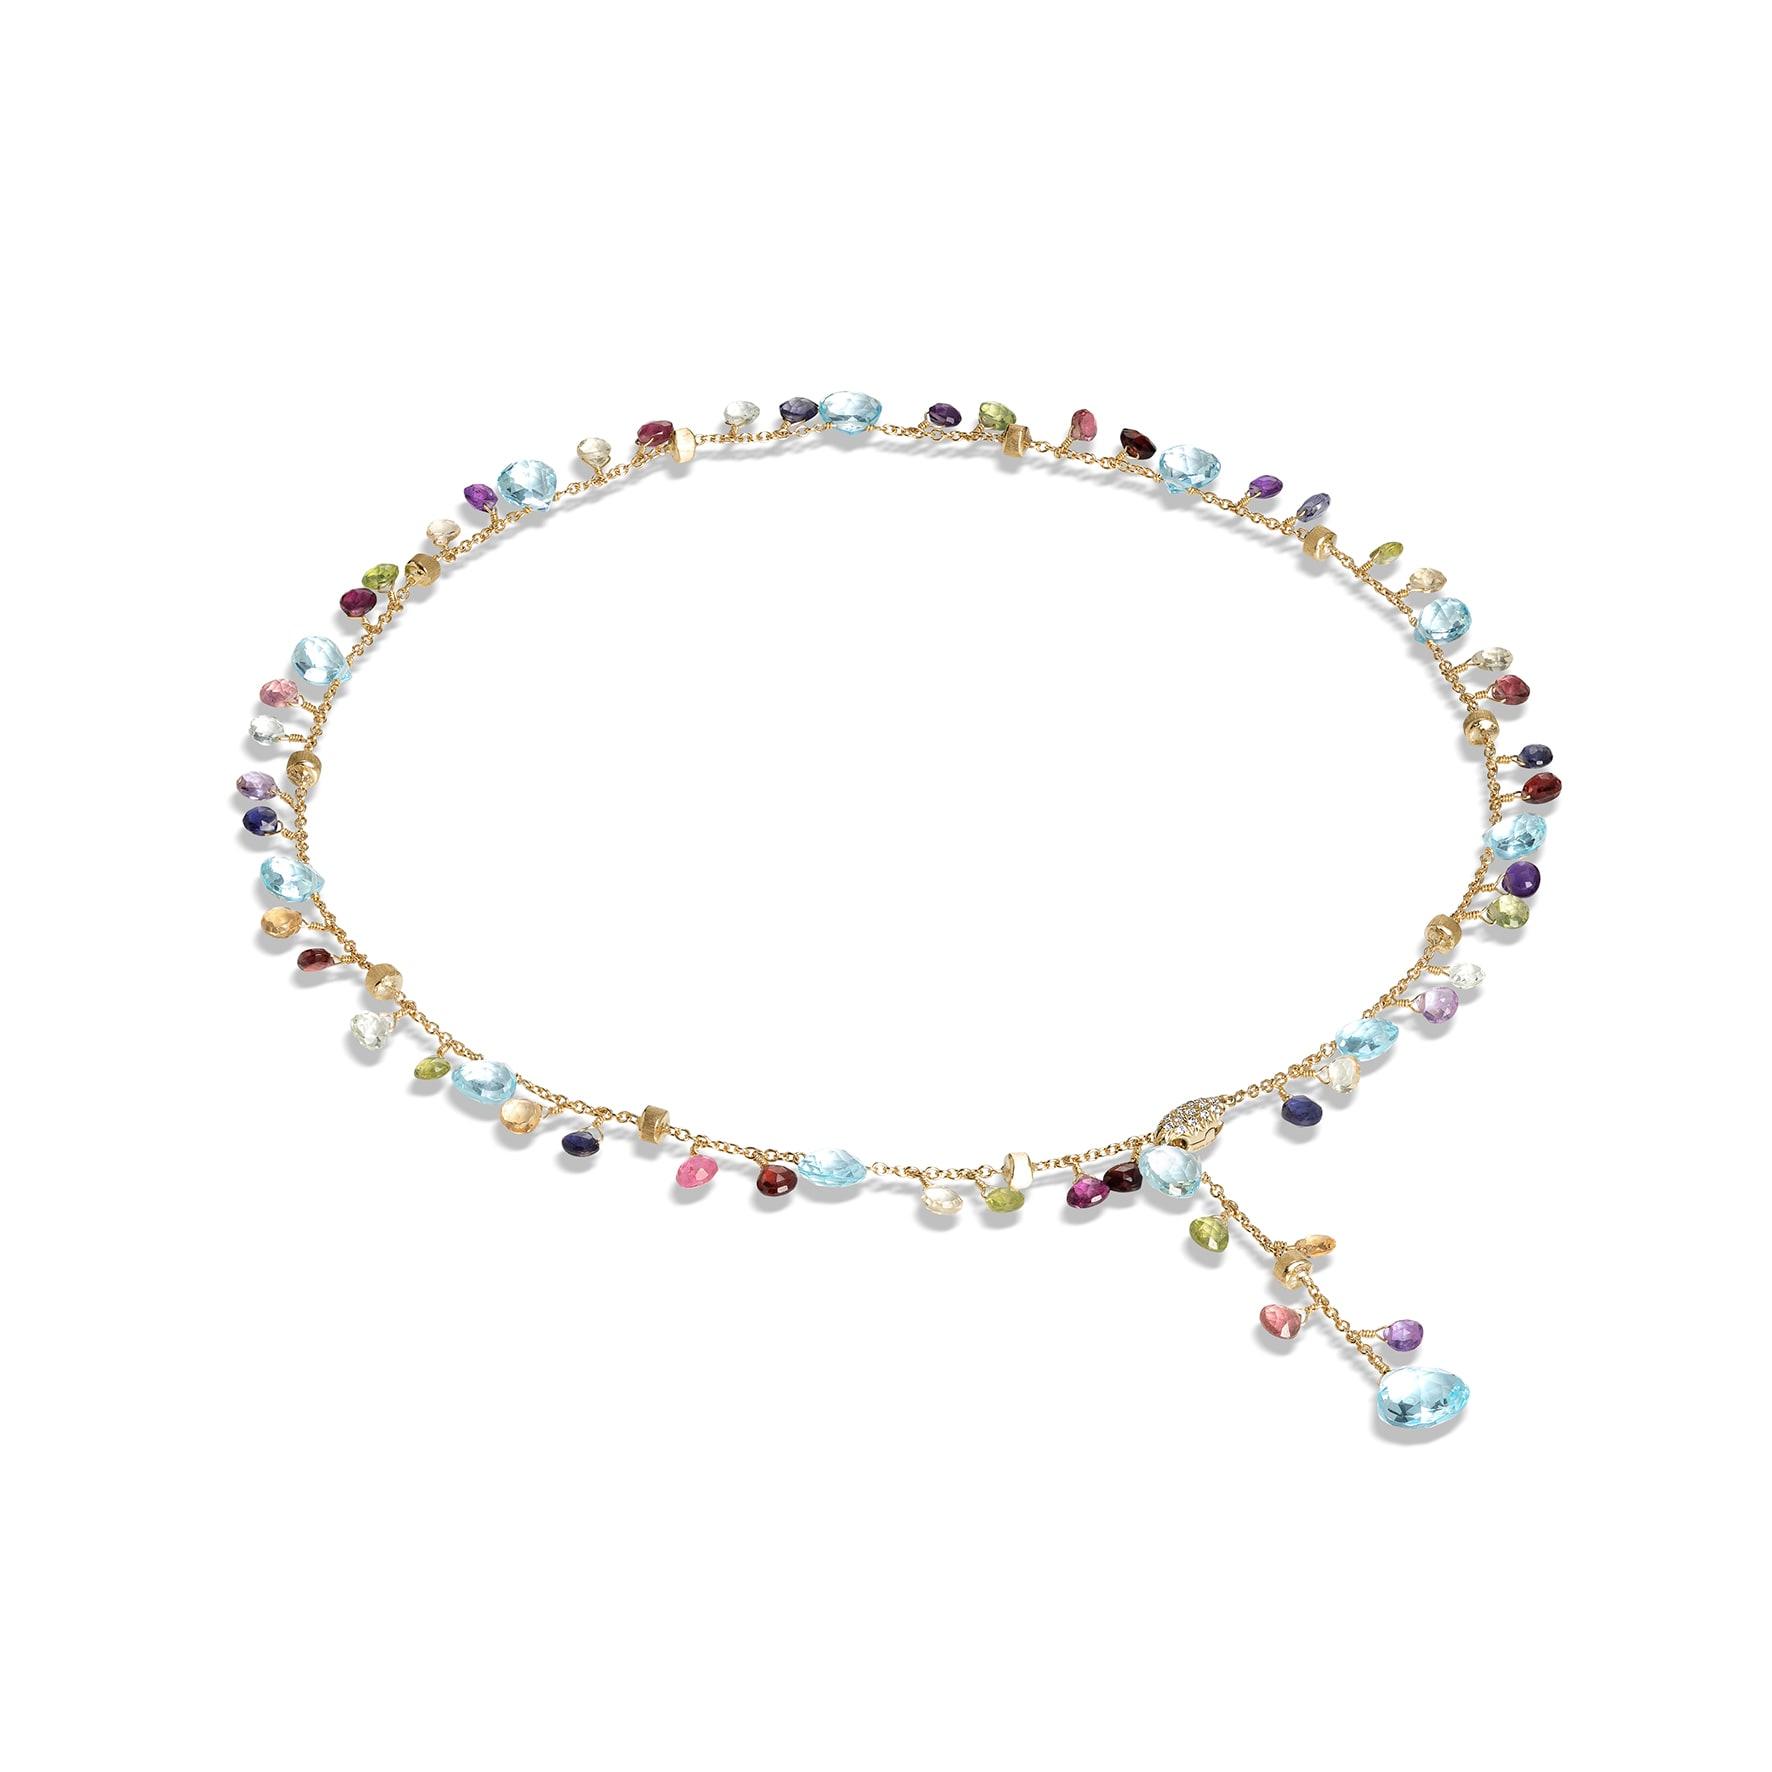 Cravattino con chiusura in diamanti, topazi sky, gemme multicolor e pepite d'oro, MARCO BICEGO (2.950 €).